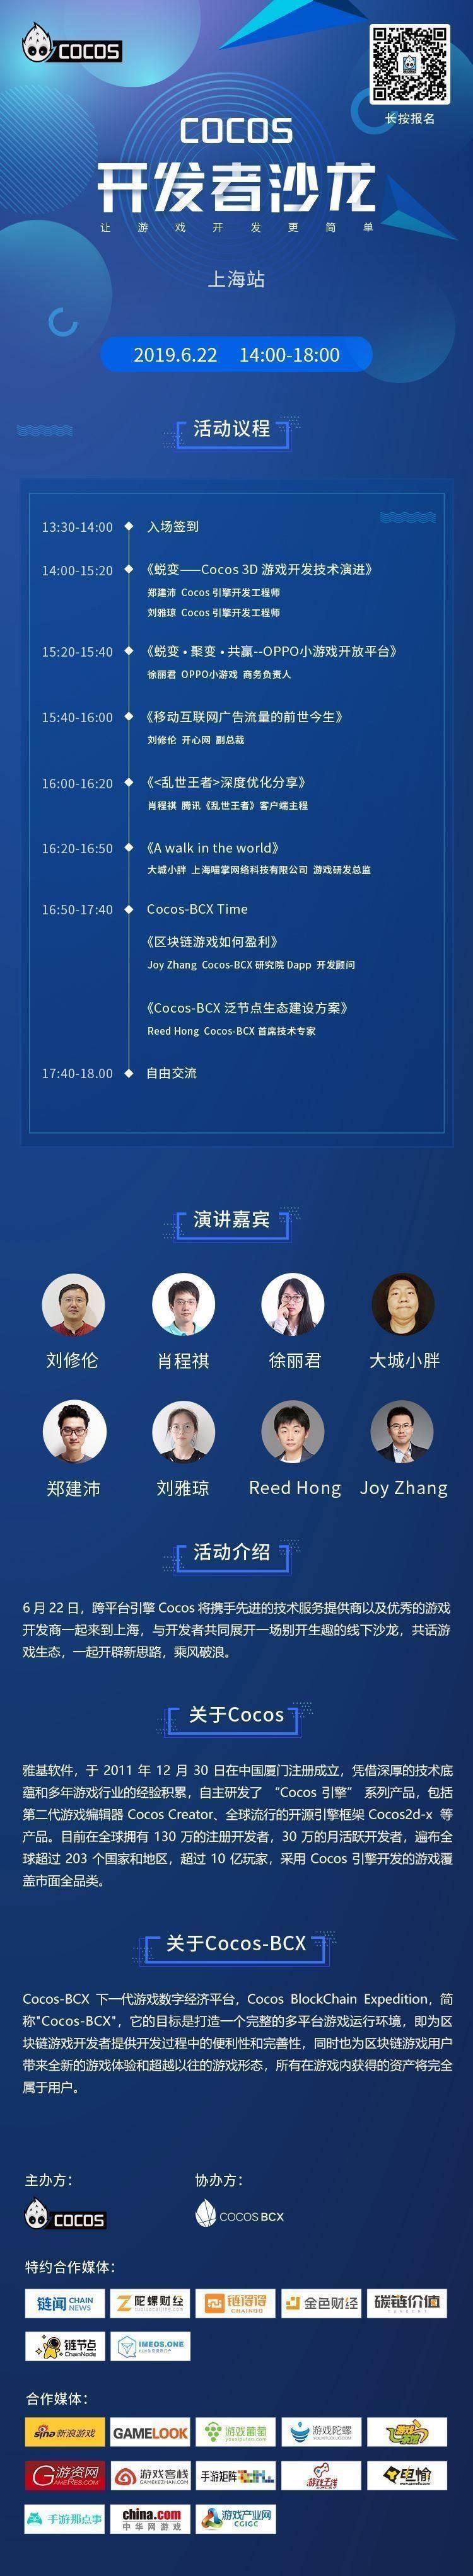 上海朋友圈宣传图.jpg